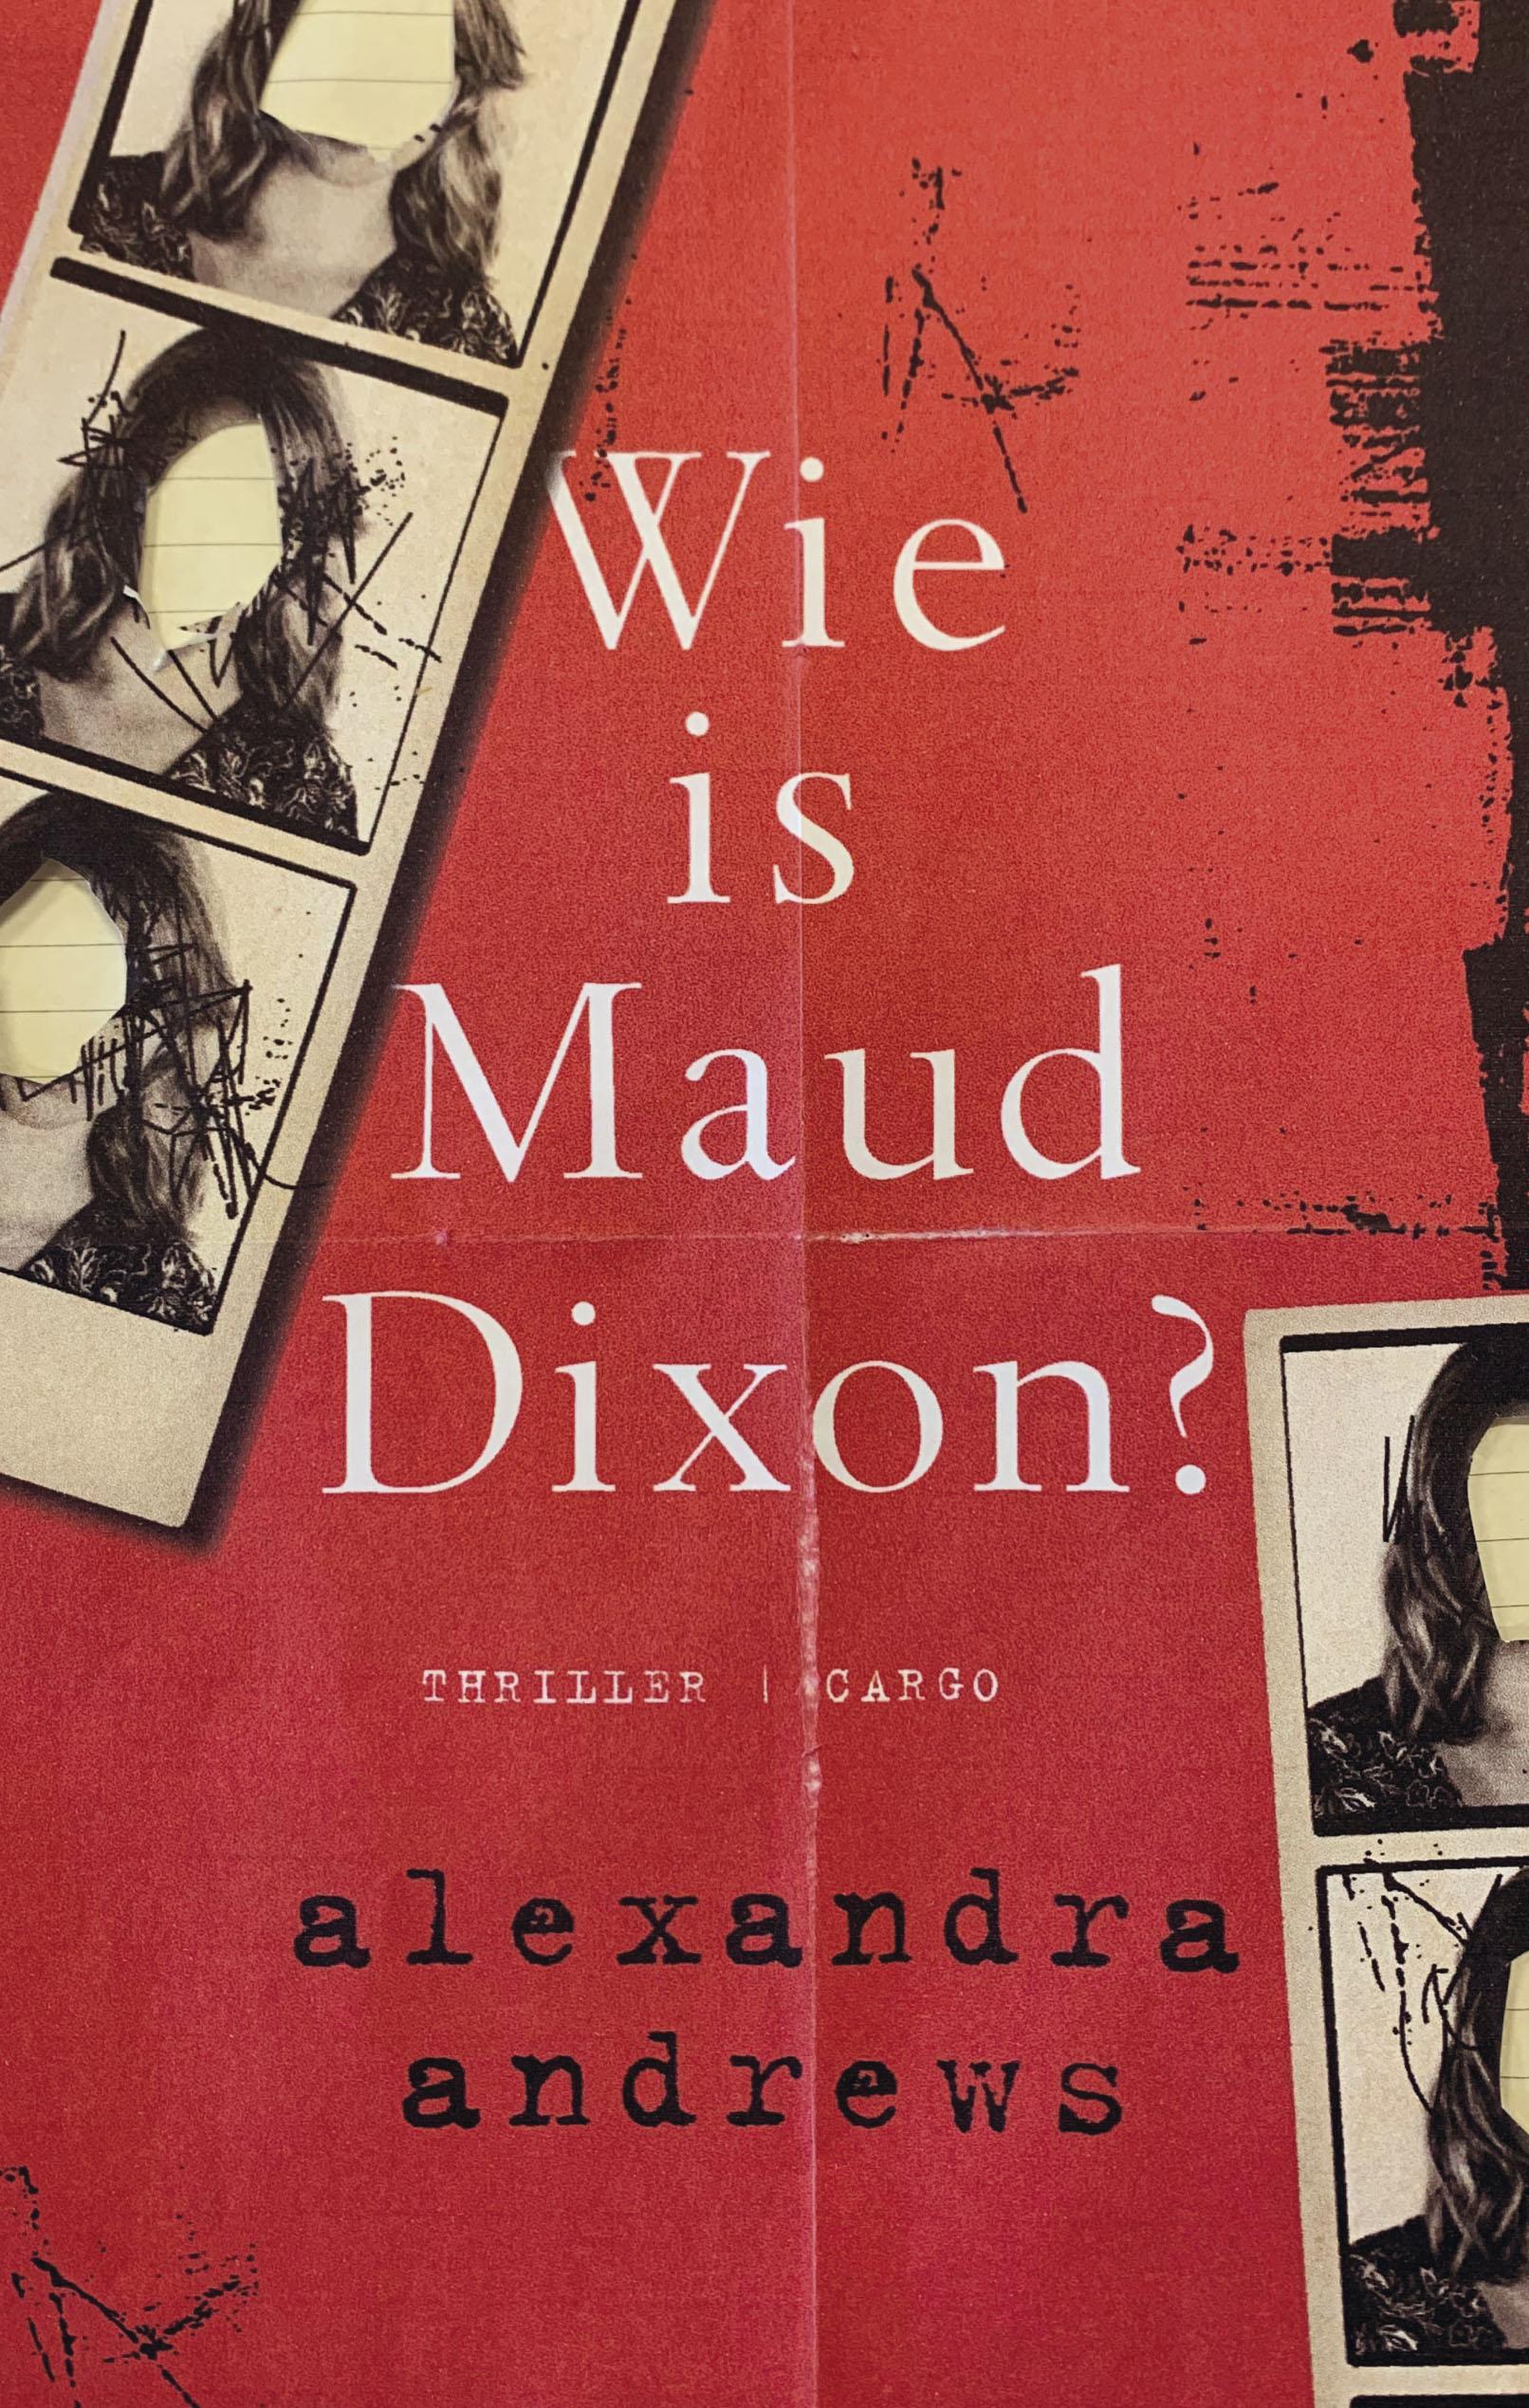 Wie is Maud Dixon - boekenflits